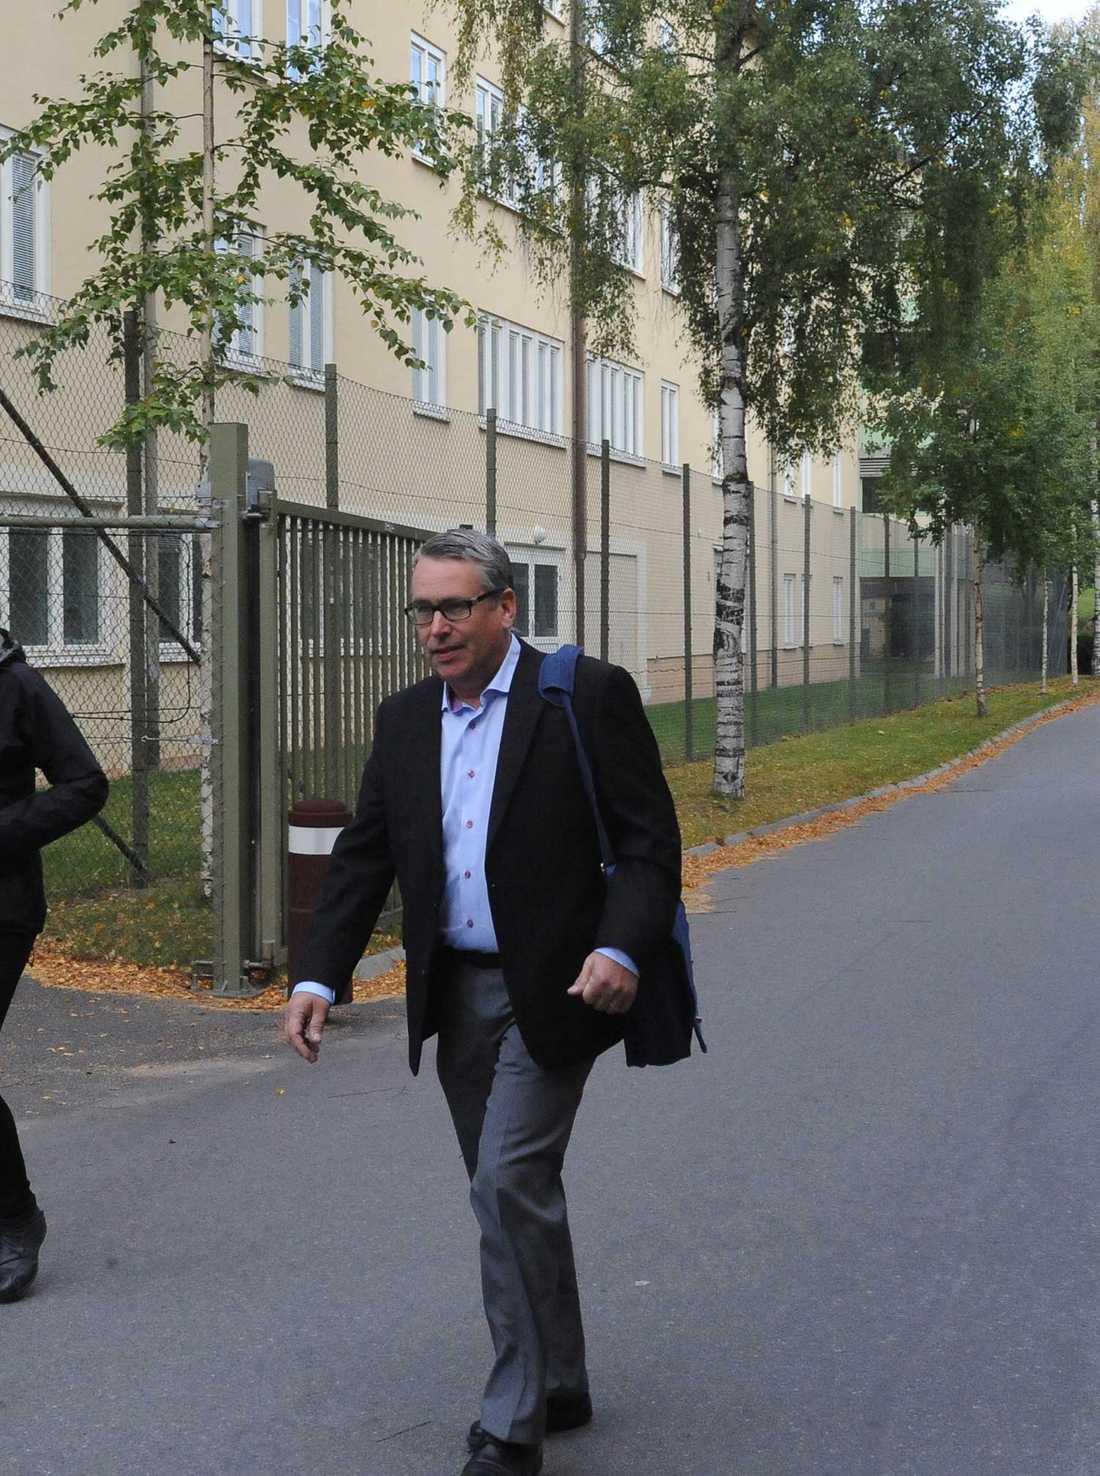 Åklagaren Ulf Back på väg in till häktningsförhandlingarna mot den 28-årige mannen. Häktningsförhandlingarna hölls på Säters sjukhus då mannen ansågs för sjuk för transport till Gävle tingsrätt.